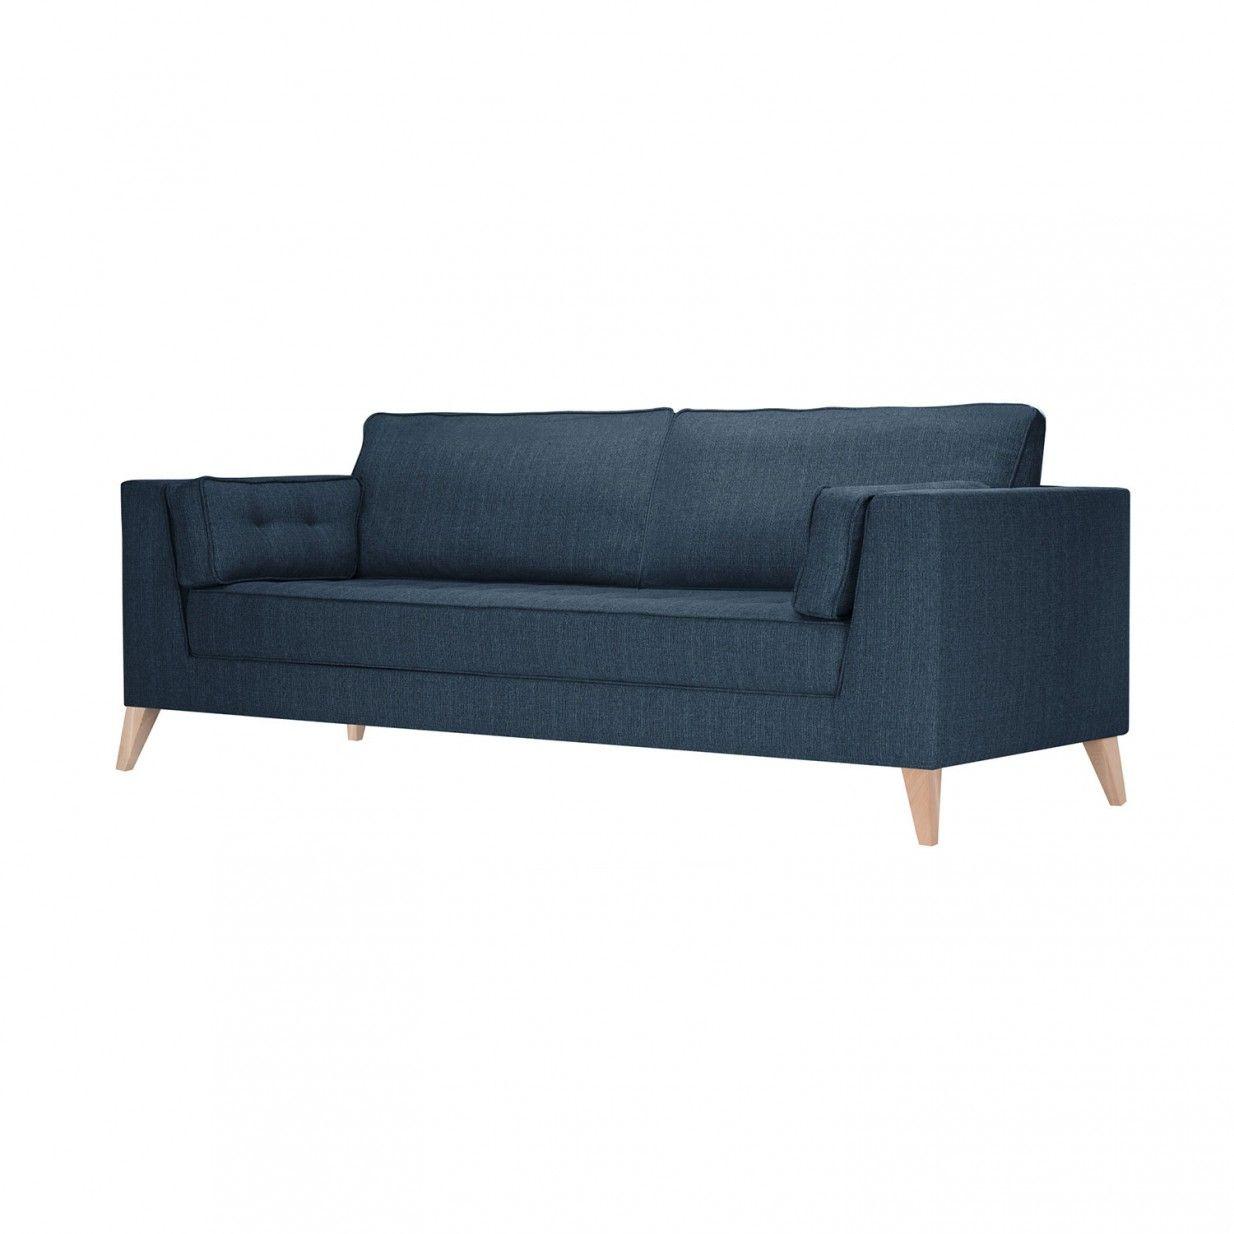 Atalaia 3 Sitzer Blau Stella Cadente Maison Inneneinrichtung Einrichtung Blau